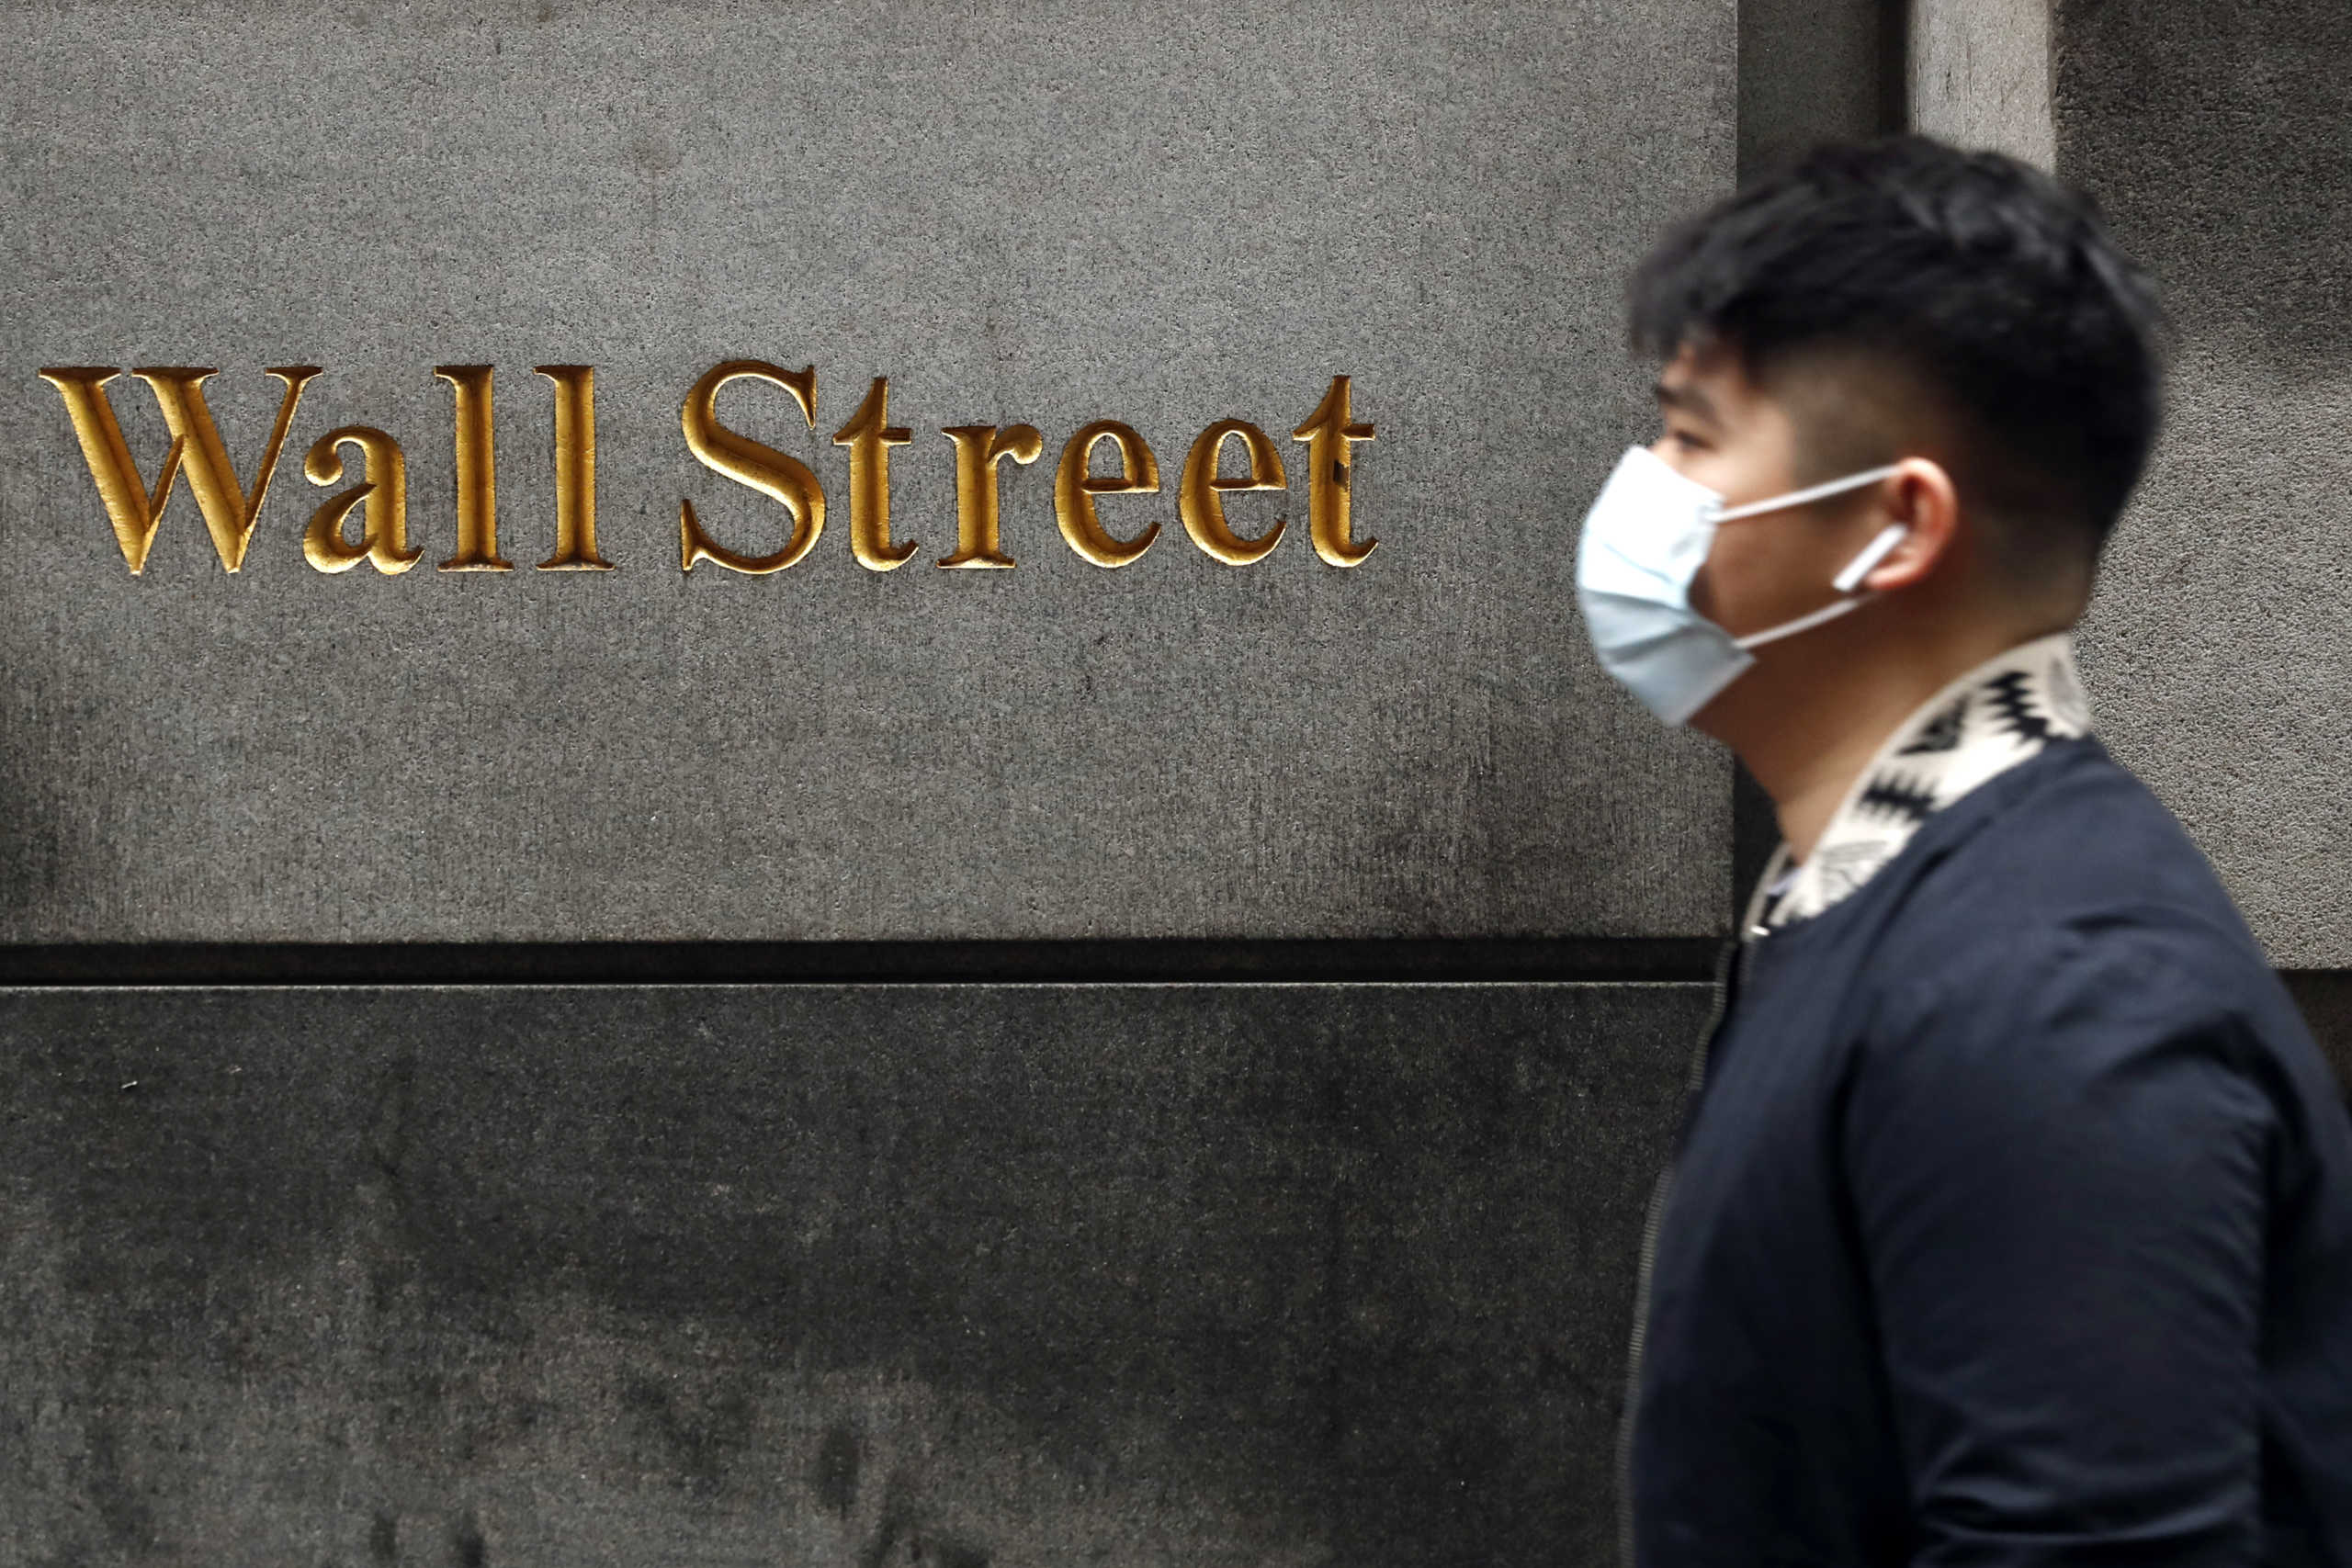 Κορονοϊός: Κατέρρευσε η Wall Street, βουτιά 12,94% στον Dow Jones